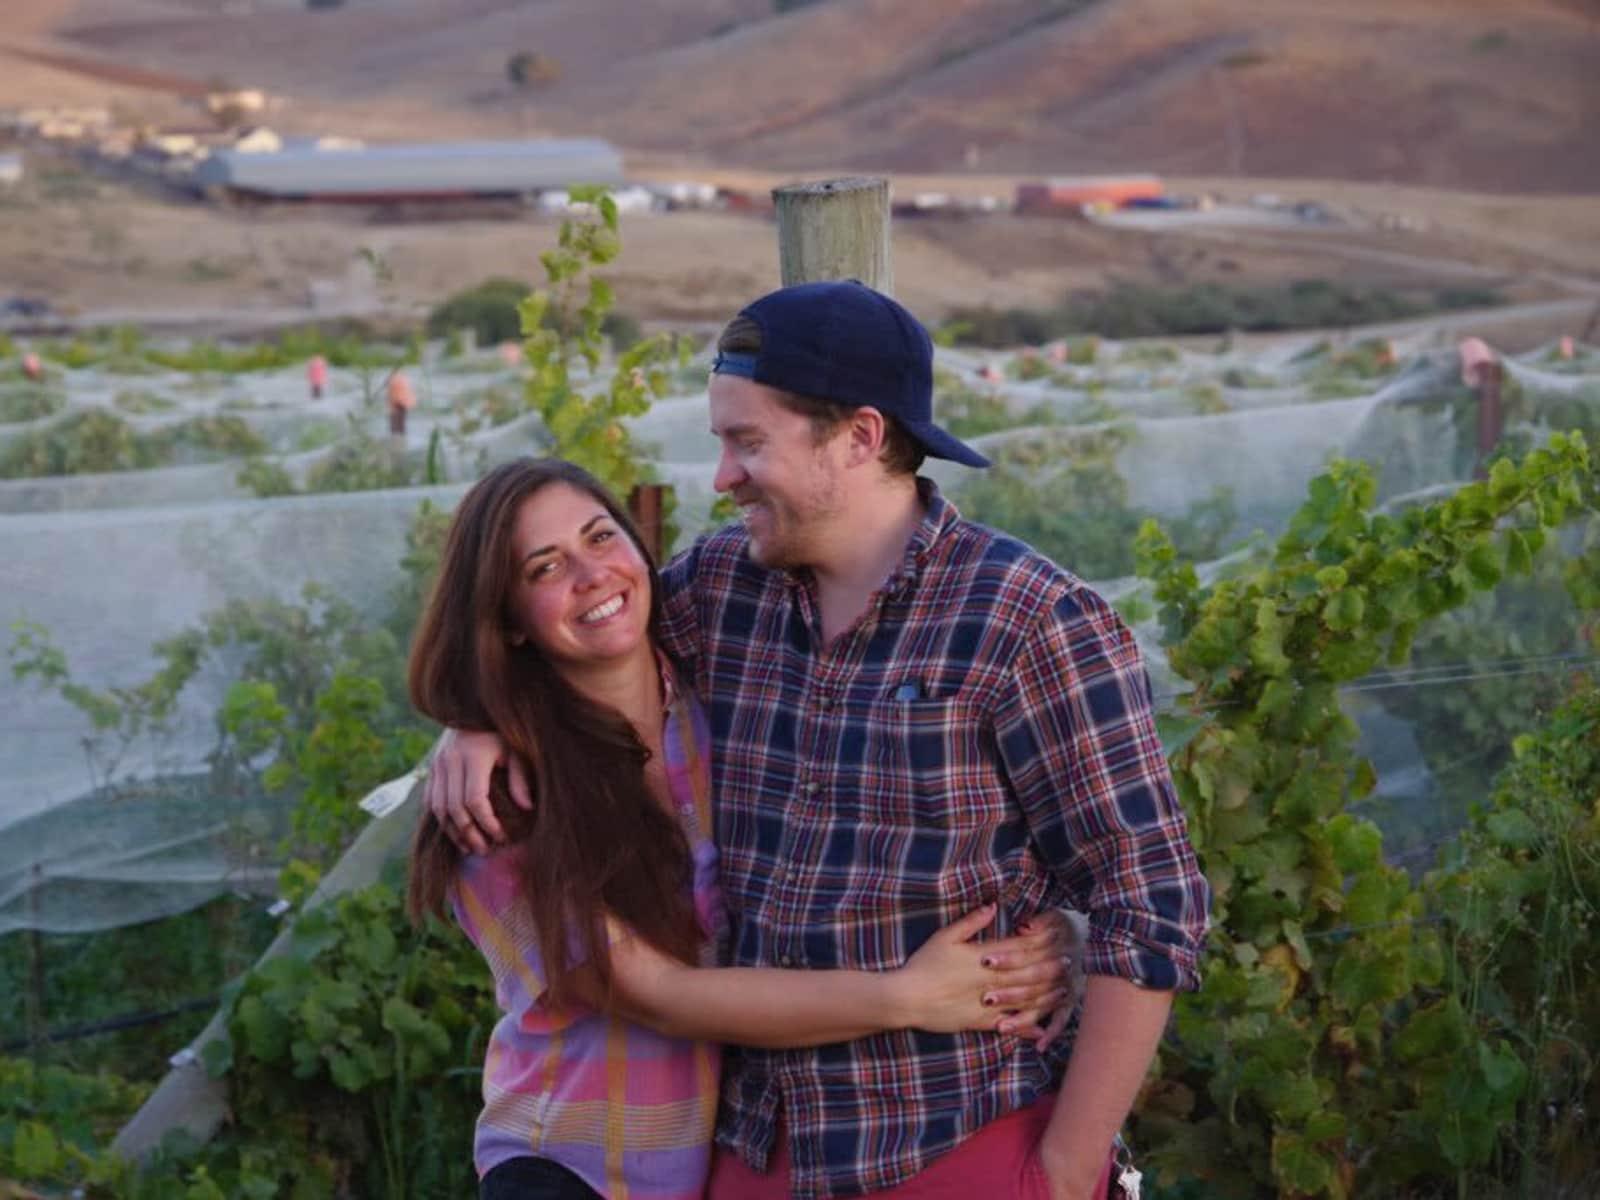 Tyler & Alexis from Washington, D.C., Washington, D.C., United States